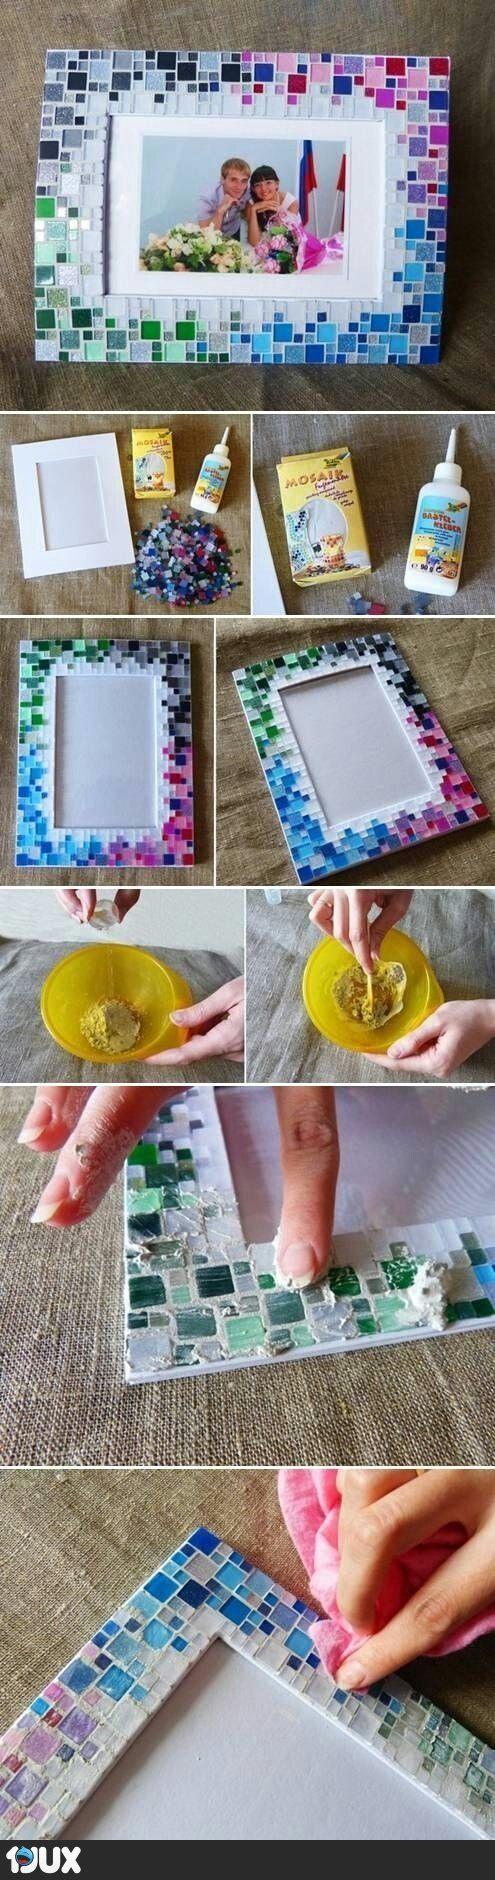 Mosaik Bilderrahmen | Ideen | Pinterest | Bilderrahmen, Mosaik und ...